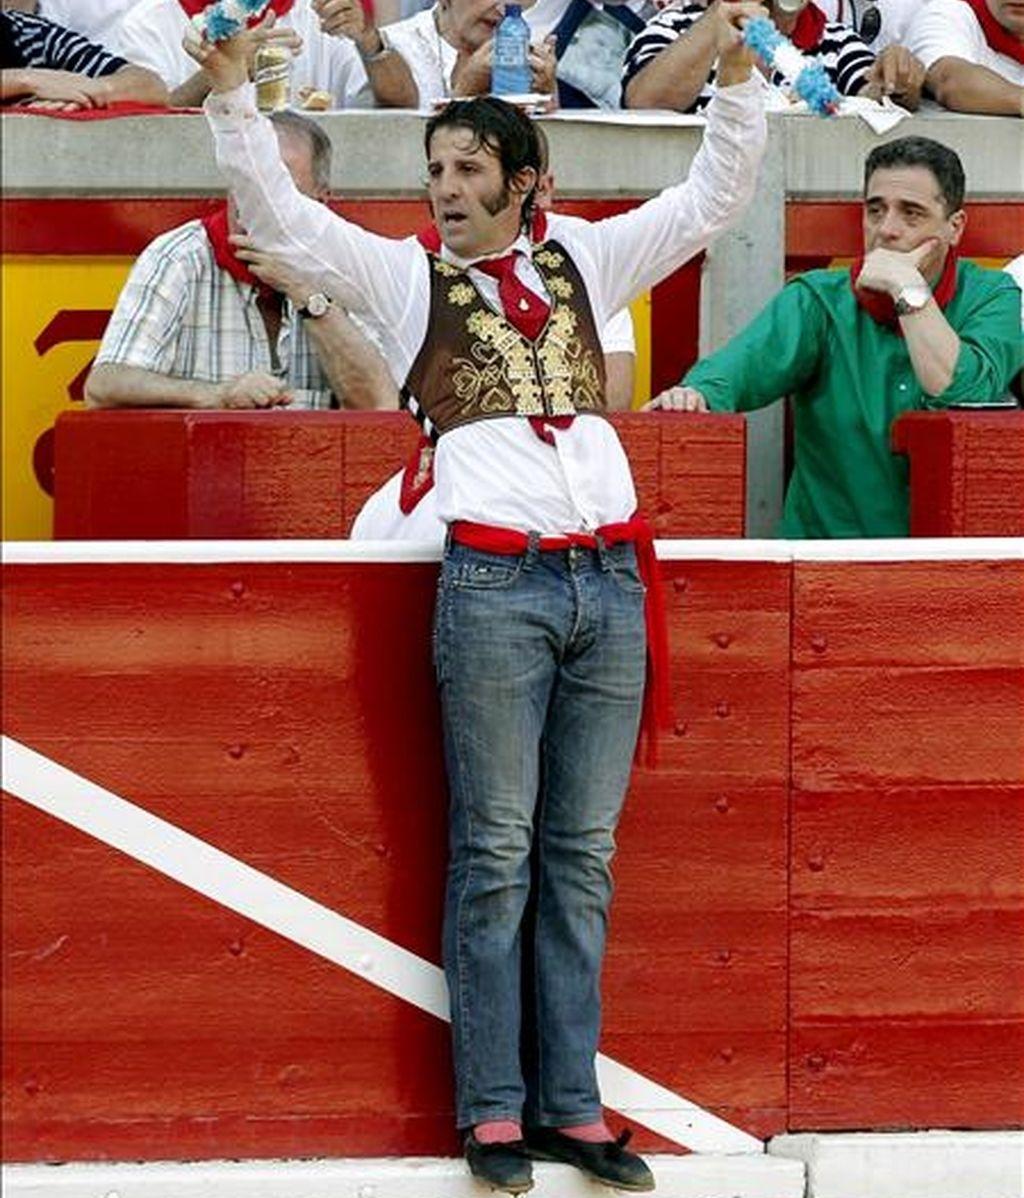 El torero Juan José Padilla, con pantalones vaqueros, intenta poner un par de banderillas a su segundo de la tarde durante la corrida de toros celebrada esta tarde en la Plaza de Pamplona con motivo de las Fiestas de San Fermín 2010. EFE